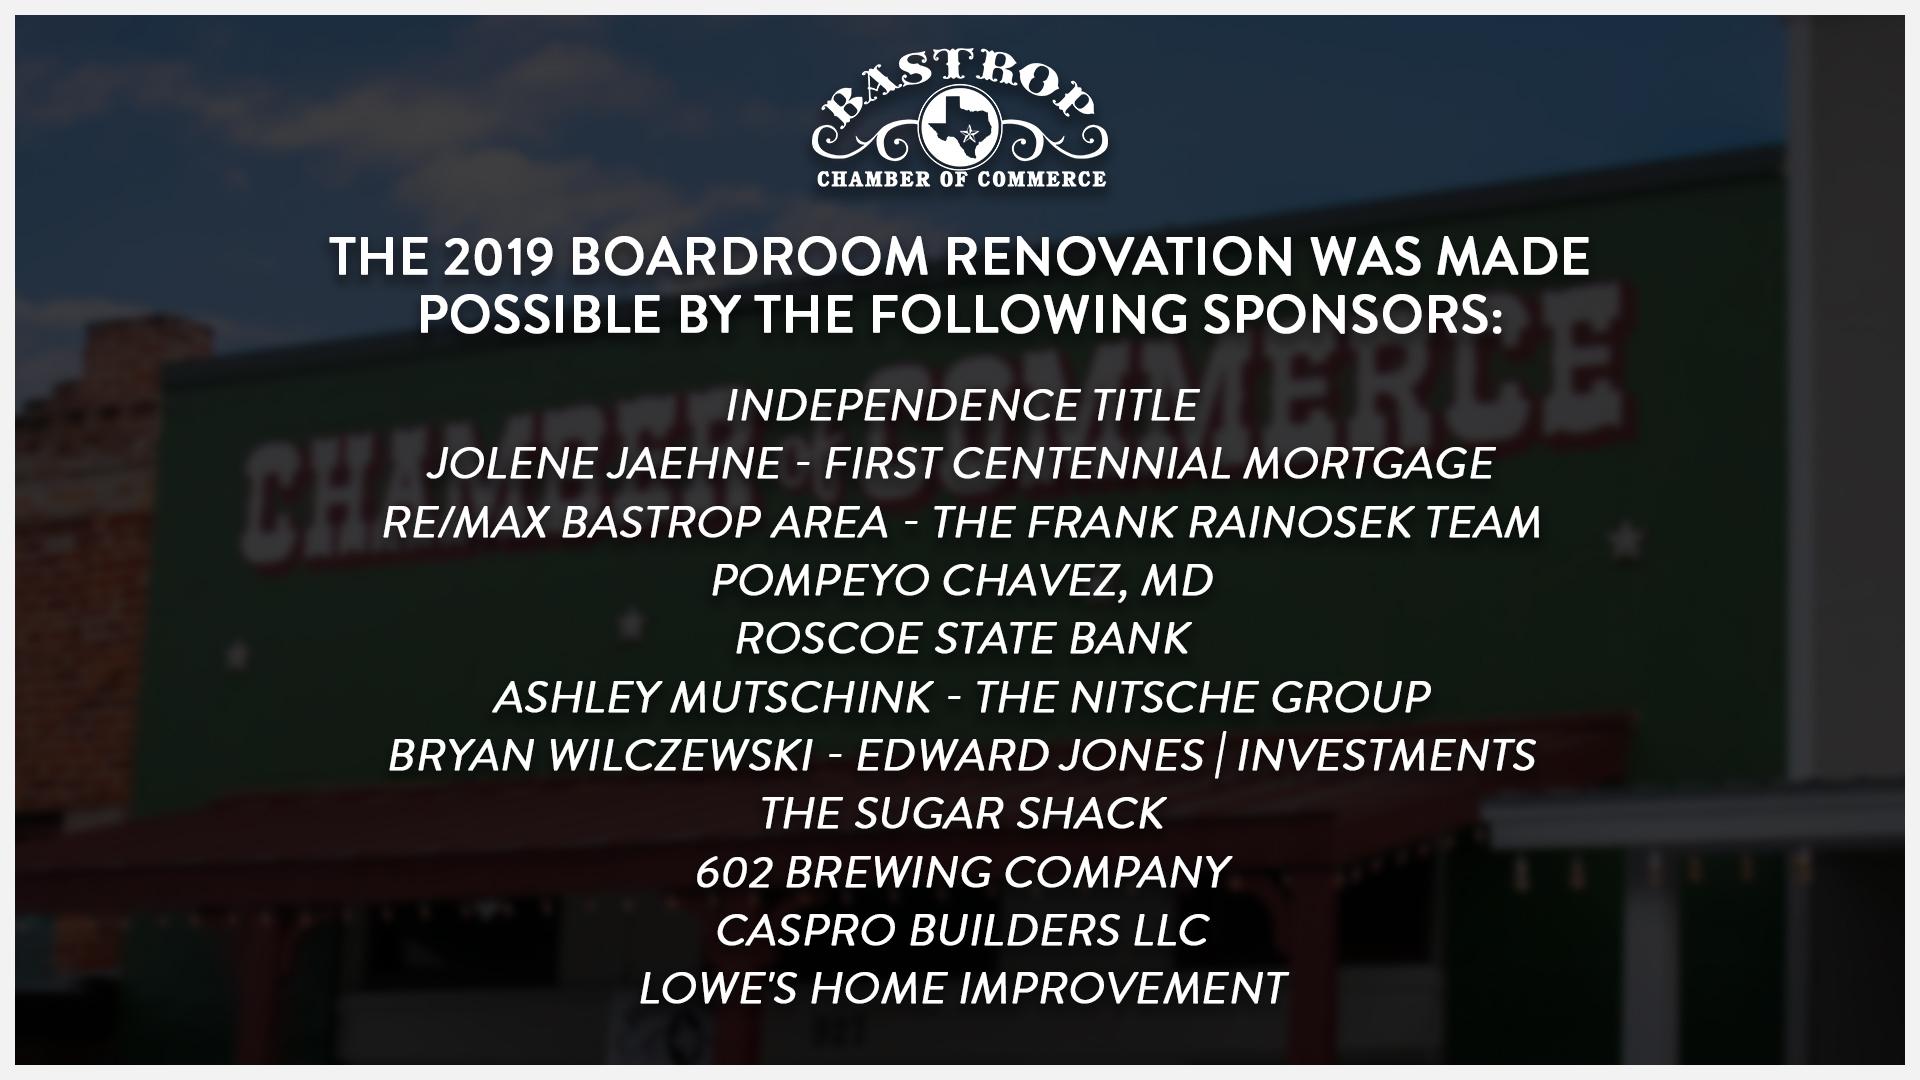 2019 Board Room Renovation